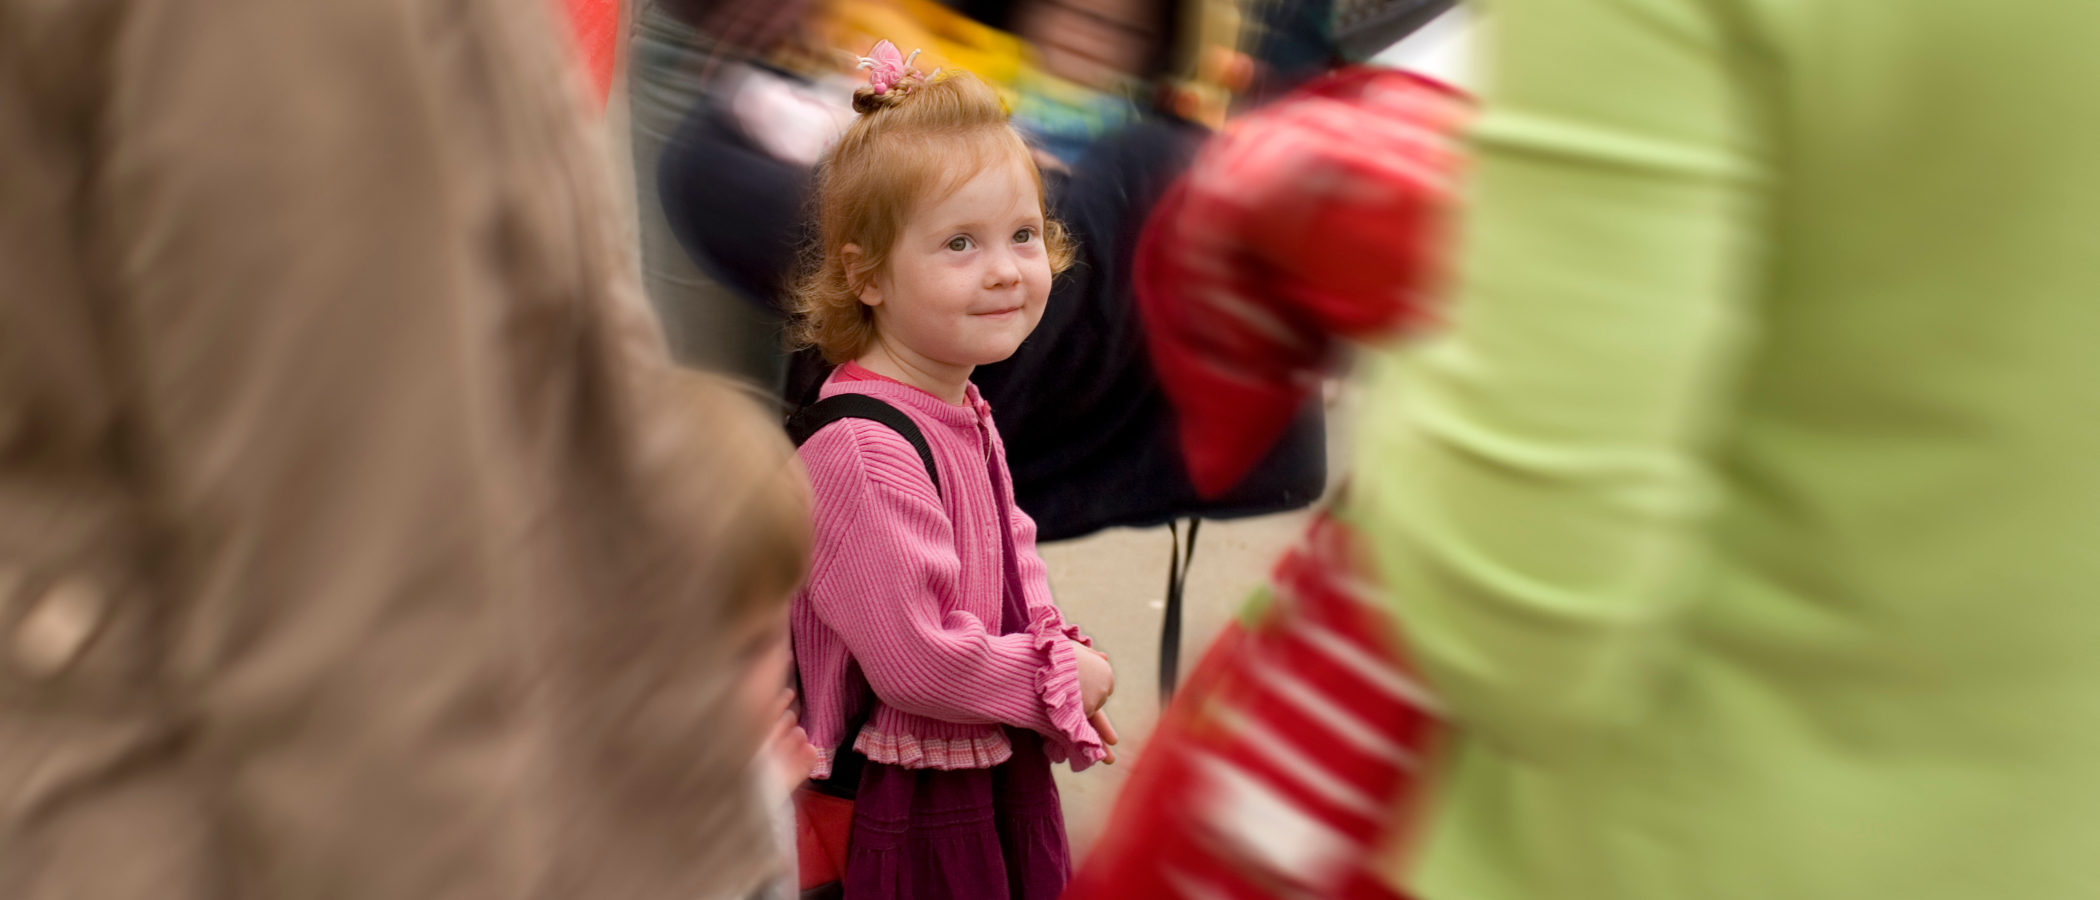 Enseña a tus hijos a reaccionar en situaciones de peligro